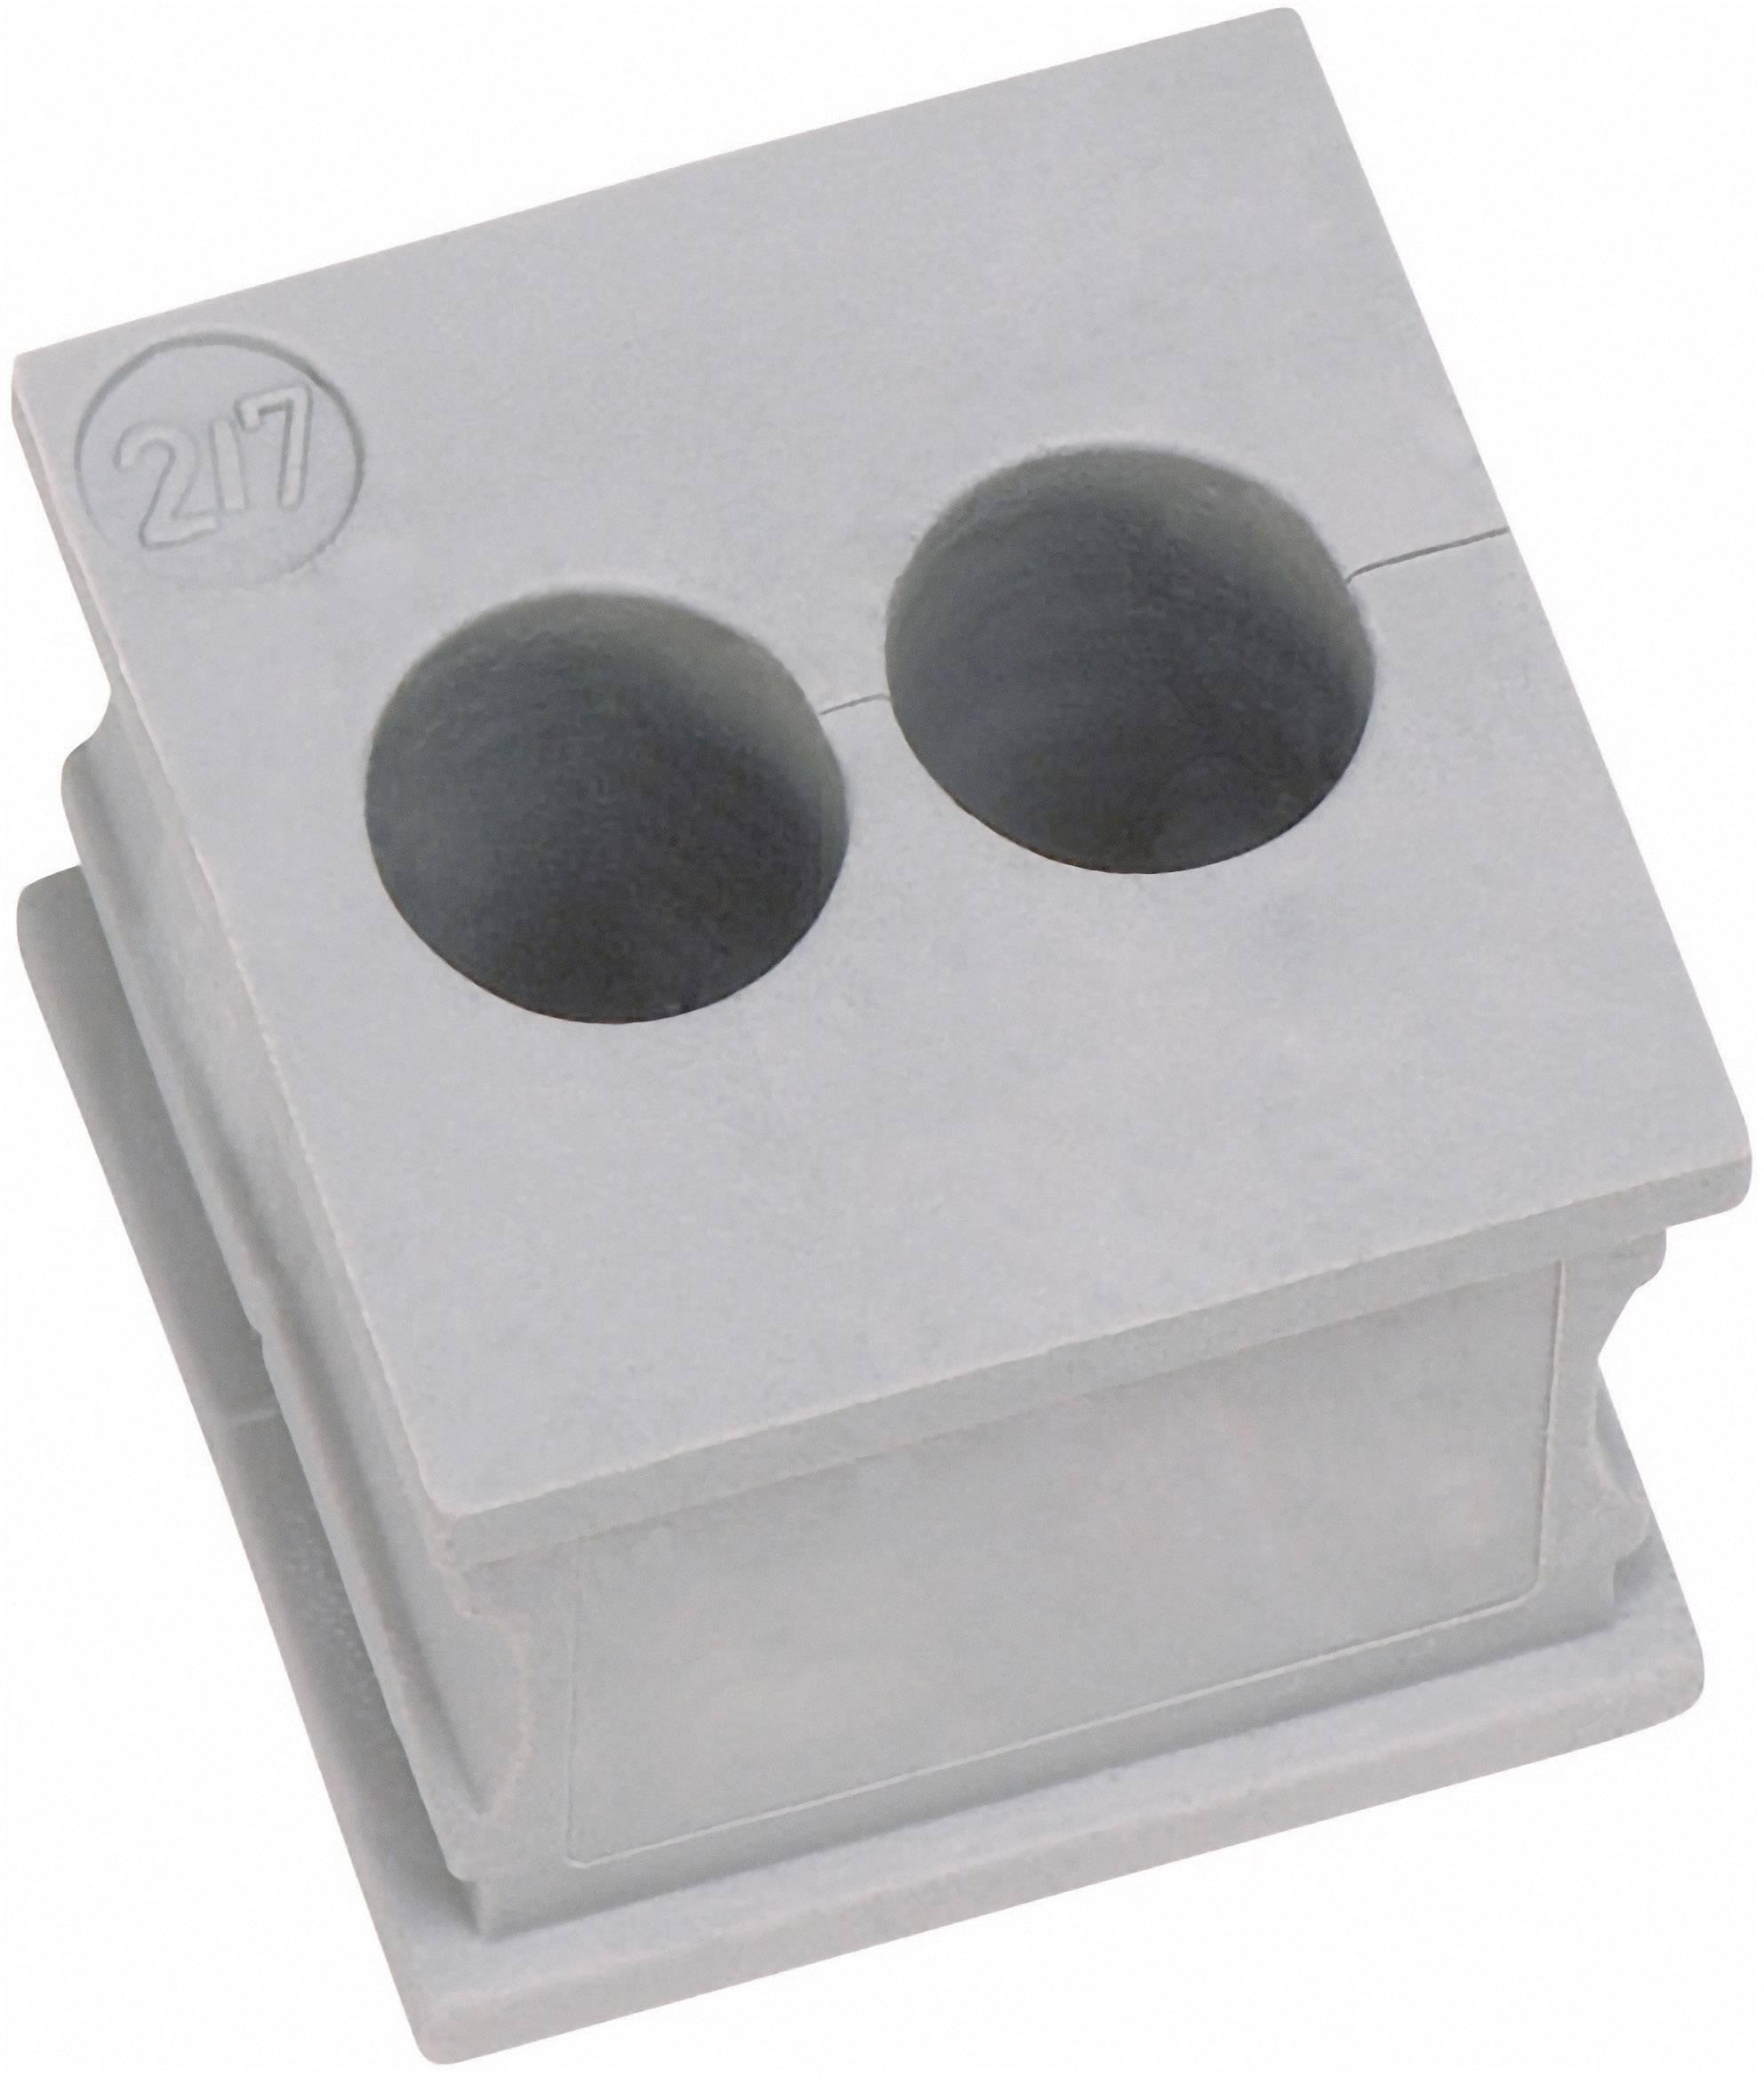 Icotek Kabelska kapa KT majhna, KT 2/8 za kabel- 2 x 8 mm, elastomer, siva